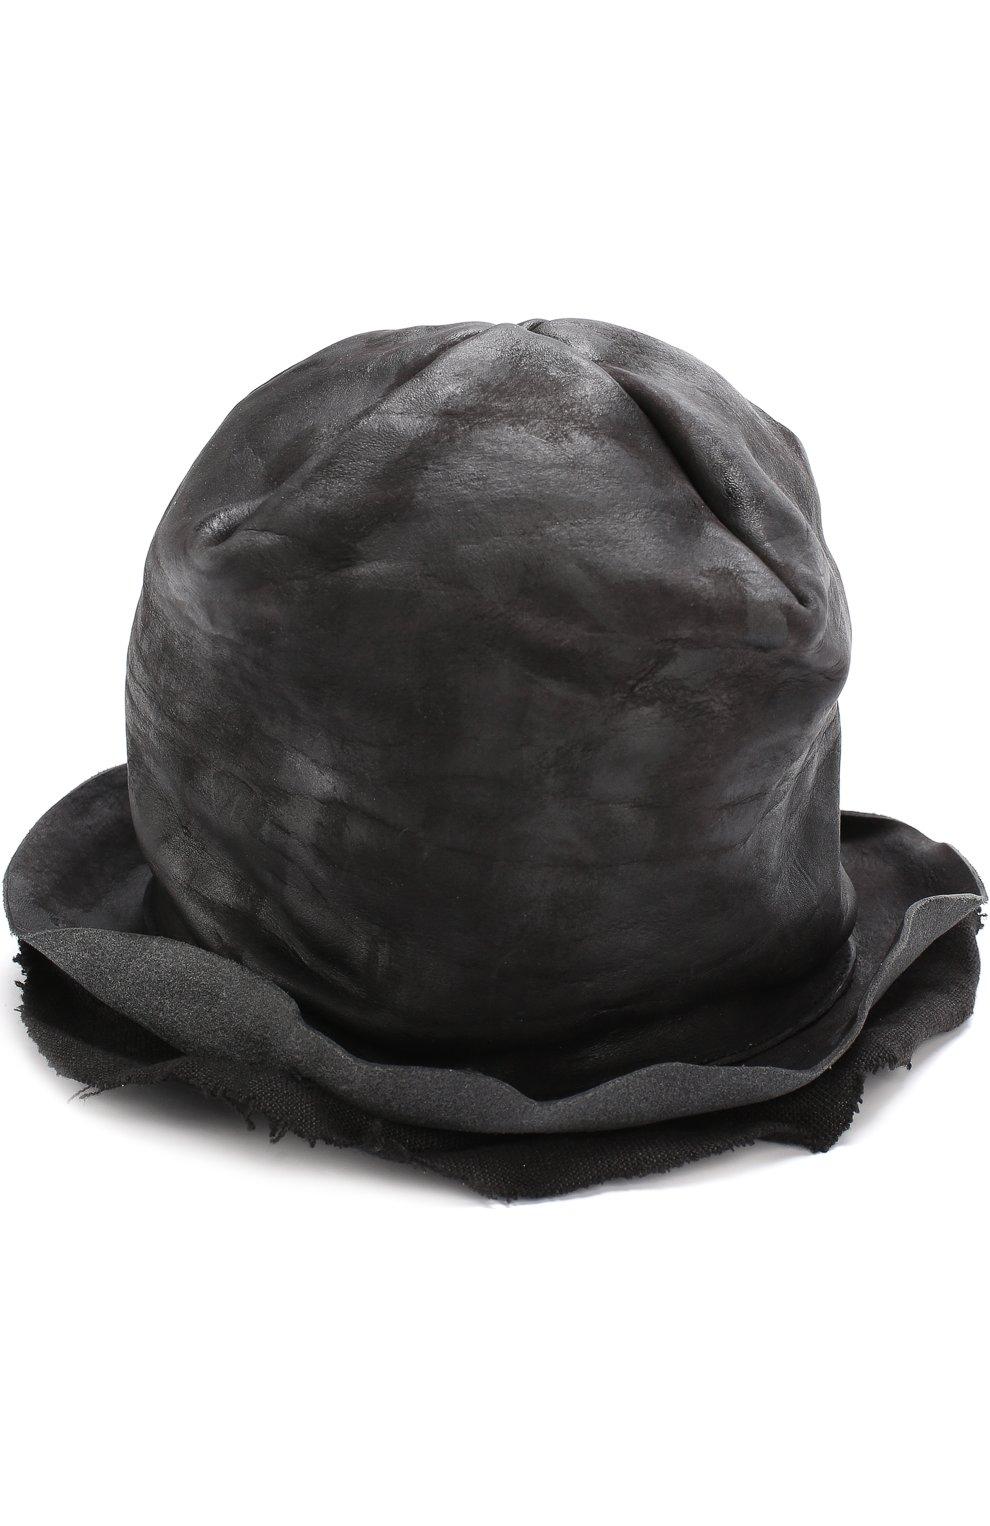 813da59e76a3 Кожаная шляпа